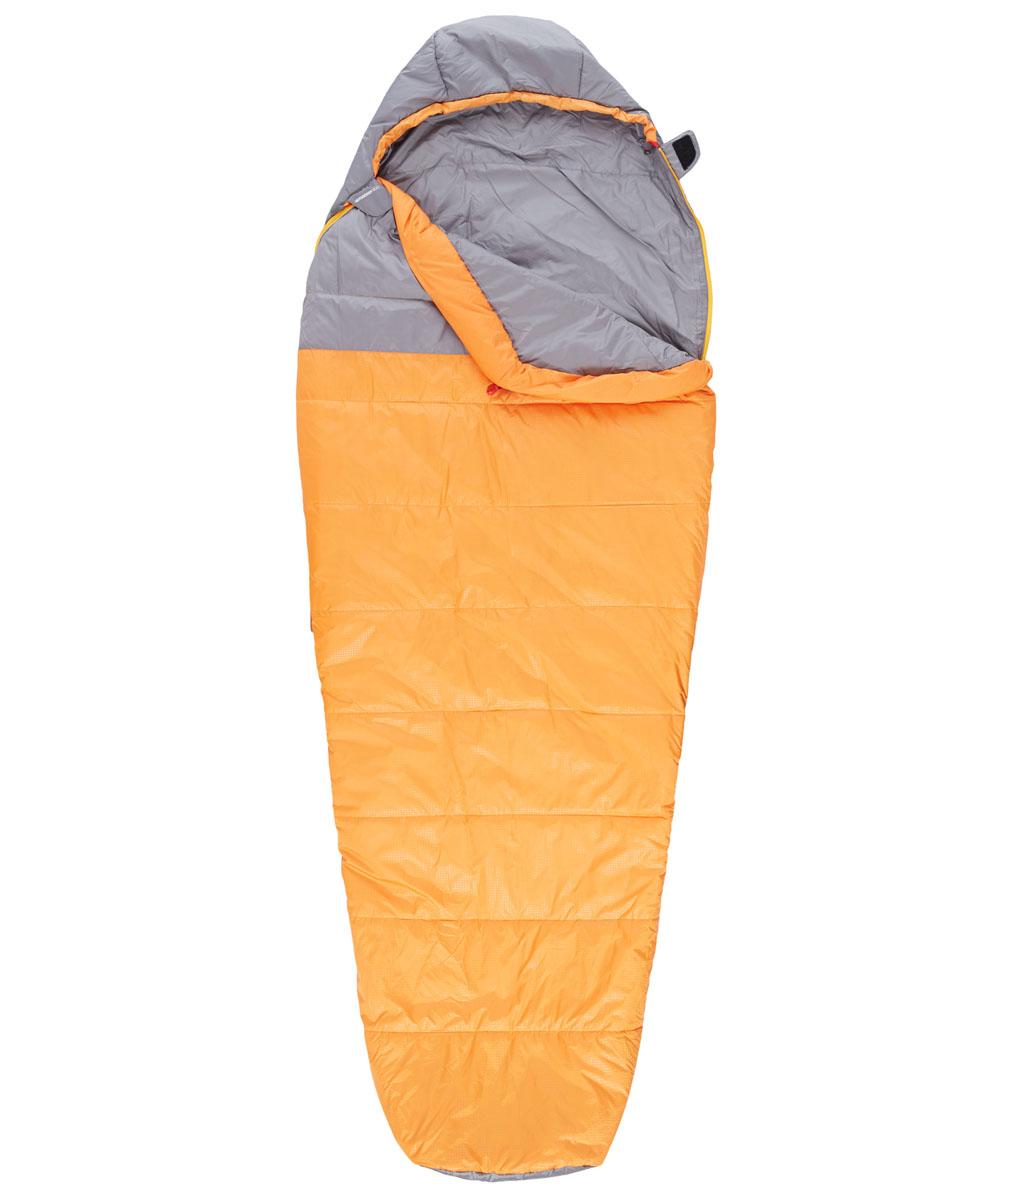 Спальный мешок The North Face Aleutian 35/2, цвет: оранжевый. T0A3A4M5RLH REGT0A3A4M5RLH REG3-х сезонный спальный мешок для путешествий, который можно целиком расстегнуть и расстелить в палатке. Вместительный, универсальный, теплый и комфортный.